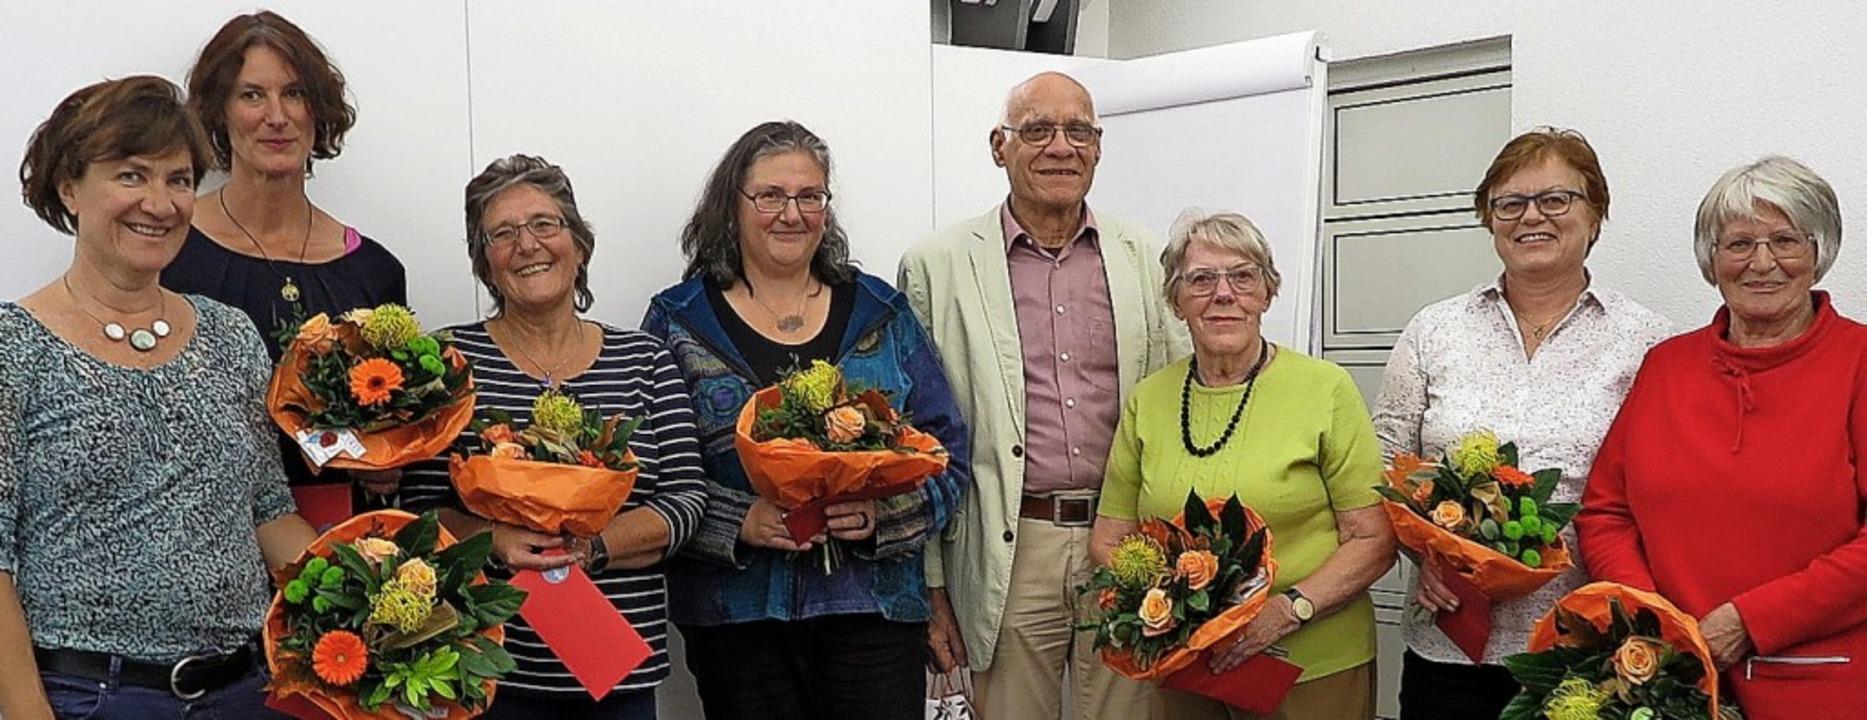 Mit Blumen und einem Präsent ehrte der...gjähriges mitmenschliches Engagement.     Foto: Dorothee Philipp